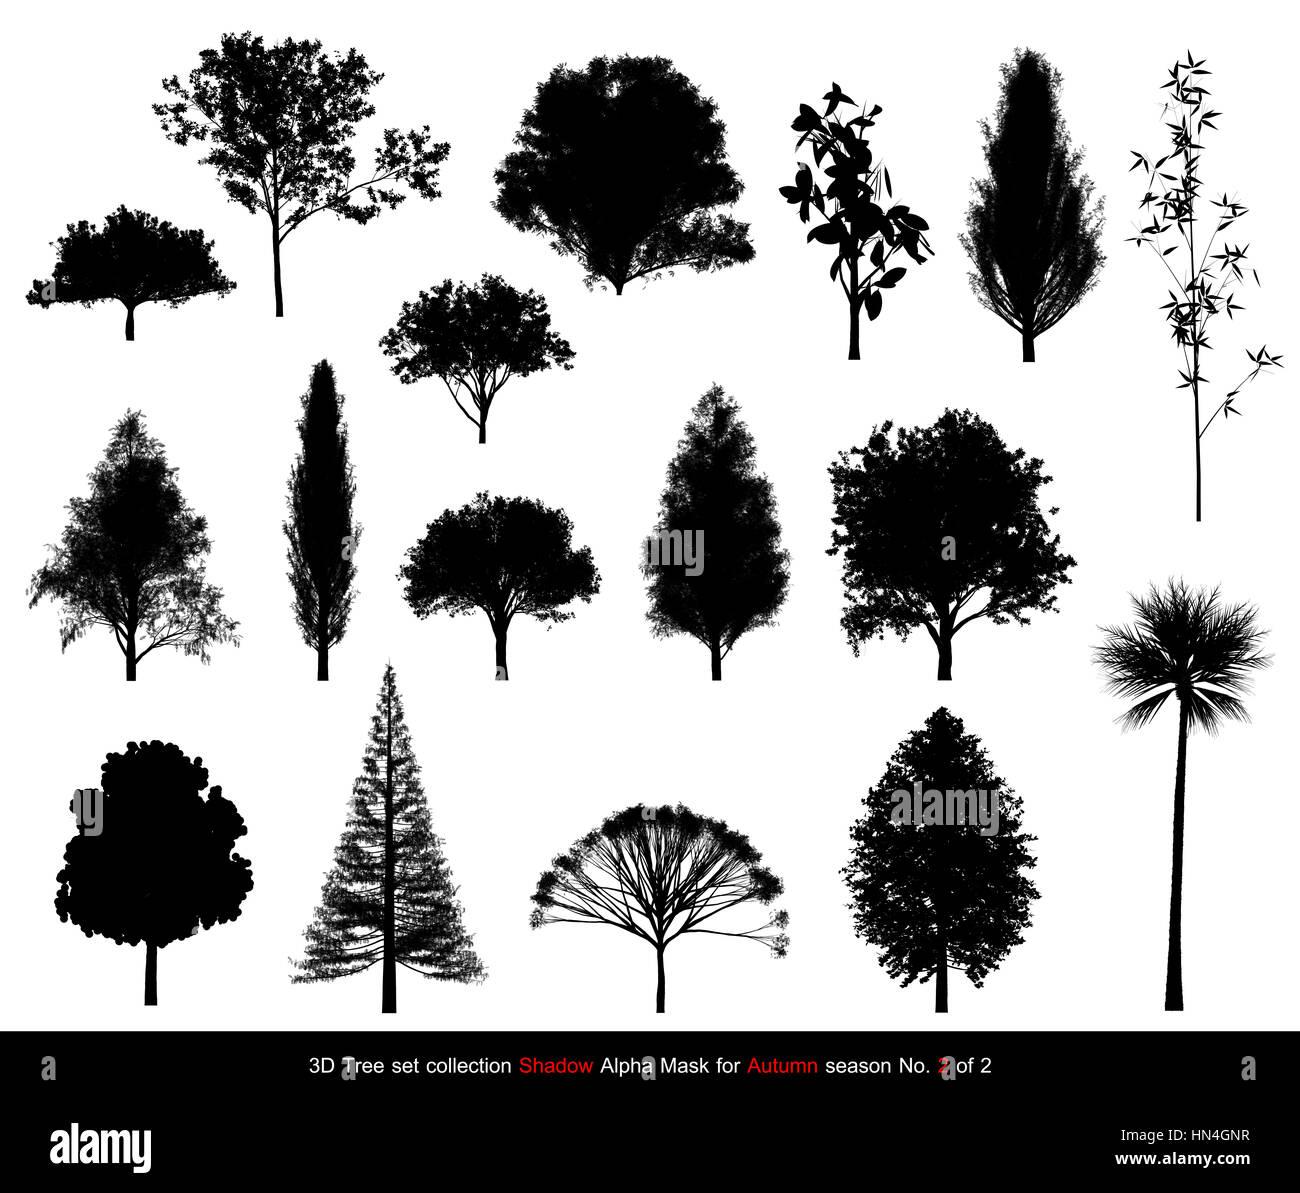 Silhouette Schatten Schwarzen Baum Oder Alpha Maske Herbst Saison Gesetzt Fur Landschafts Architektur